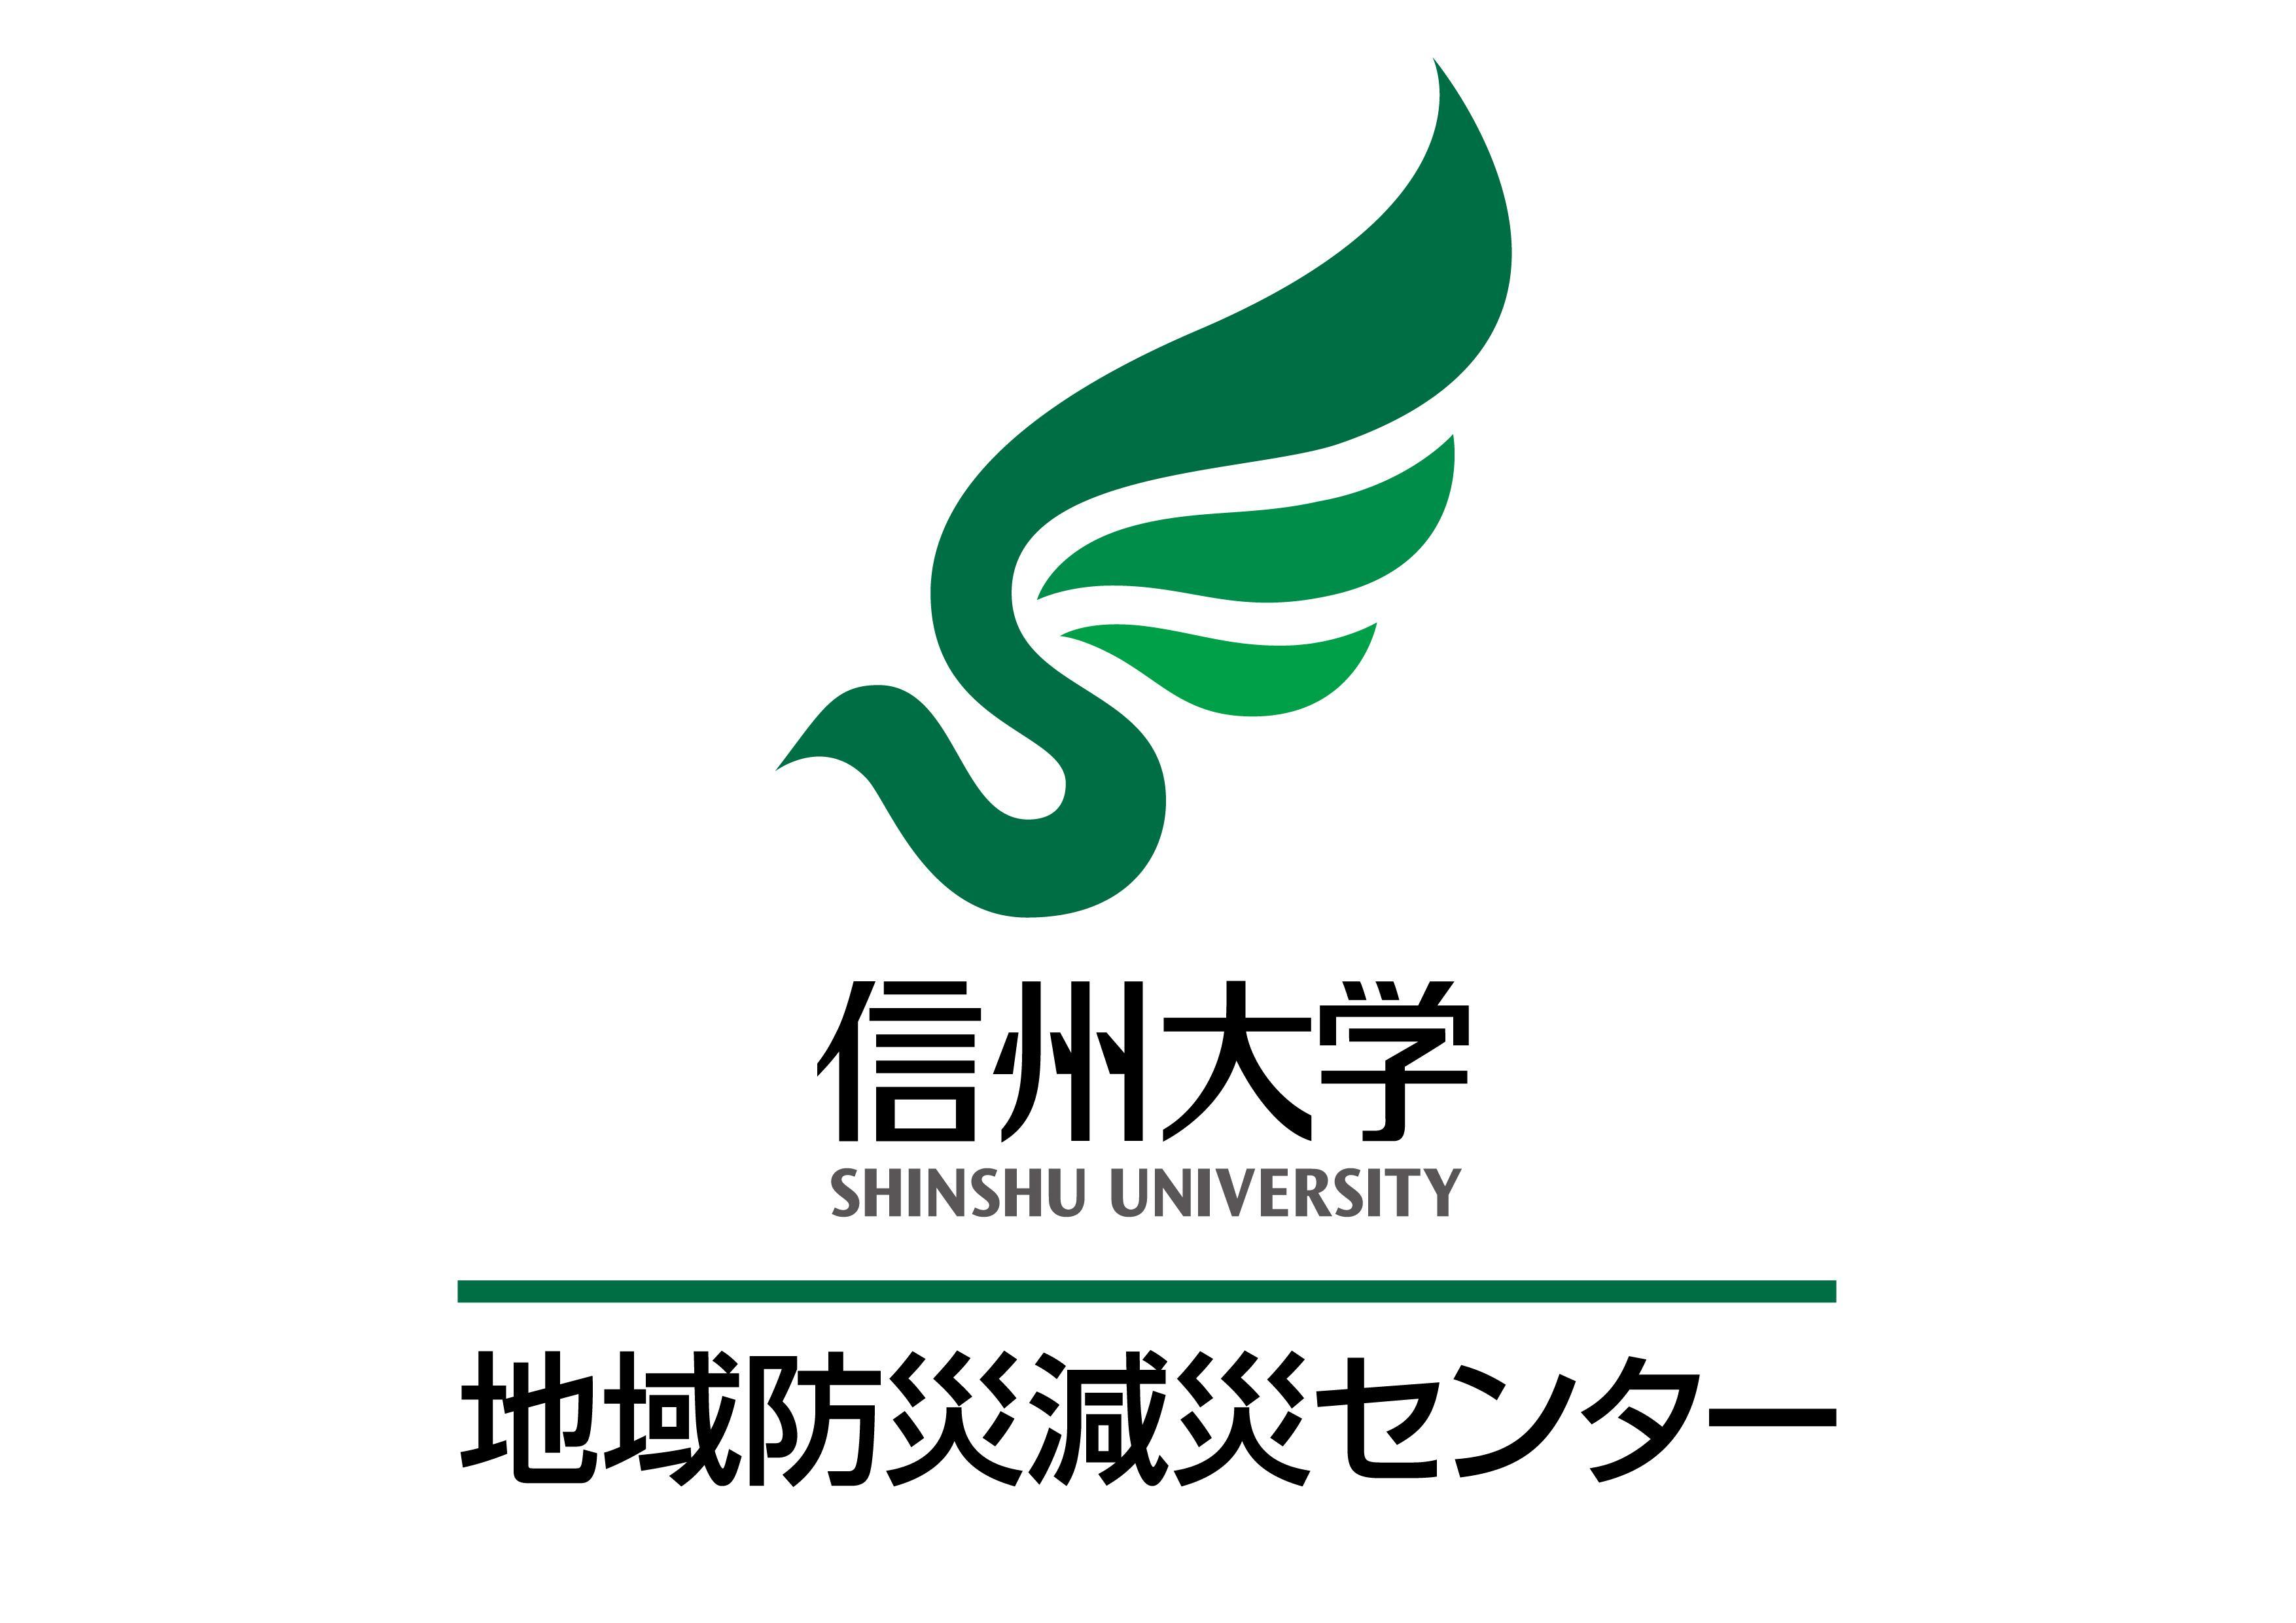 令和元年東日本台風2年シンポジウム「災害復旧・復興」と「流域治水」のお知らせ